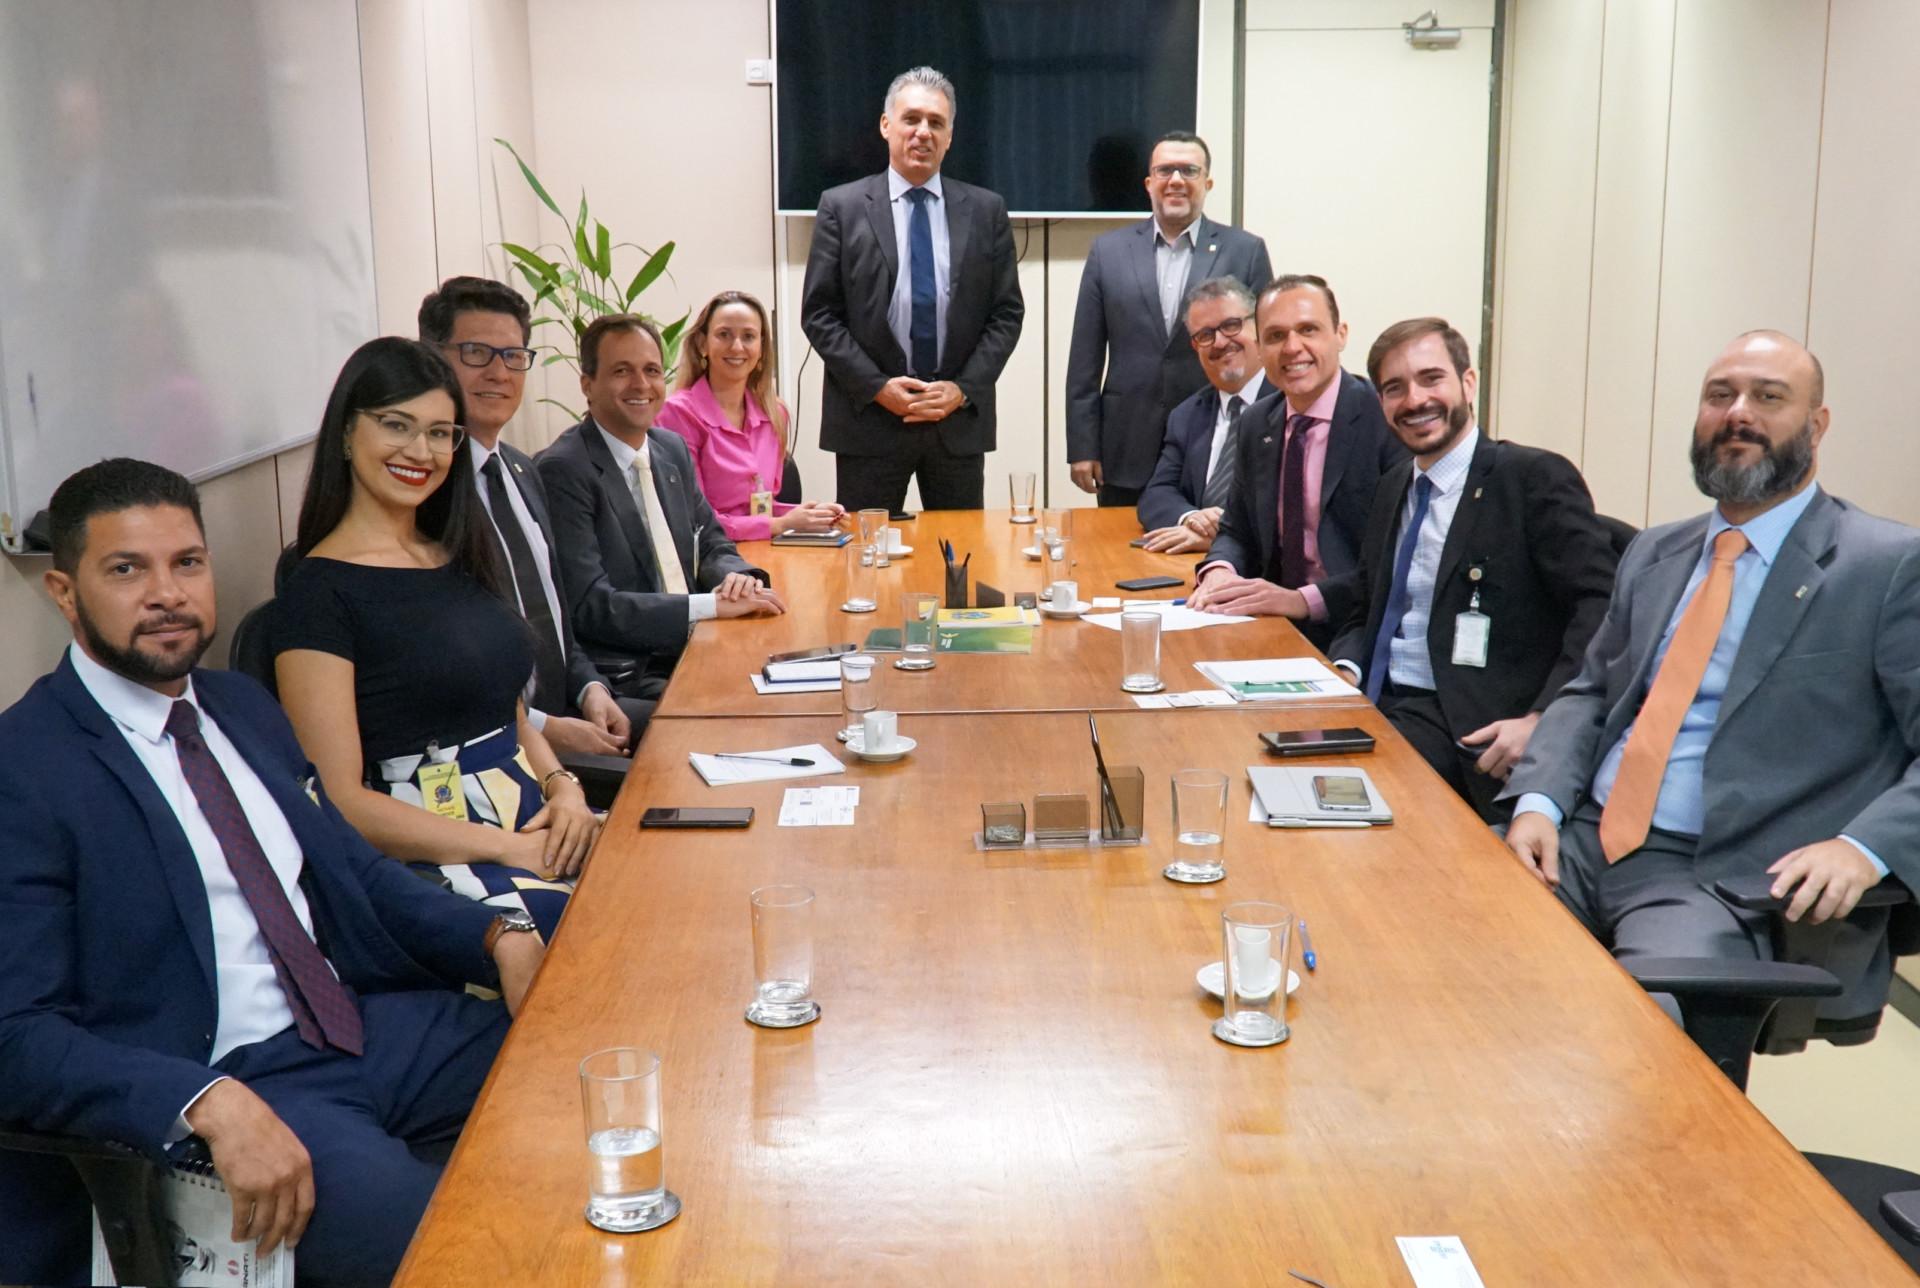 Sebrae será parceiro do Governo Federal na gestão de documentos